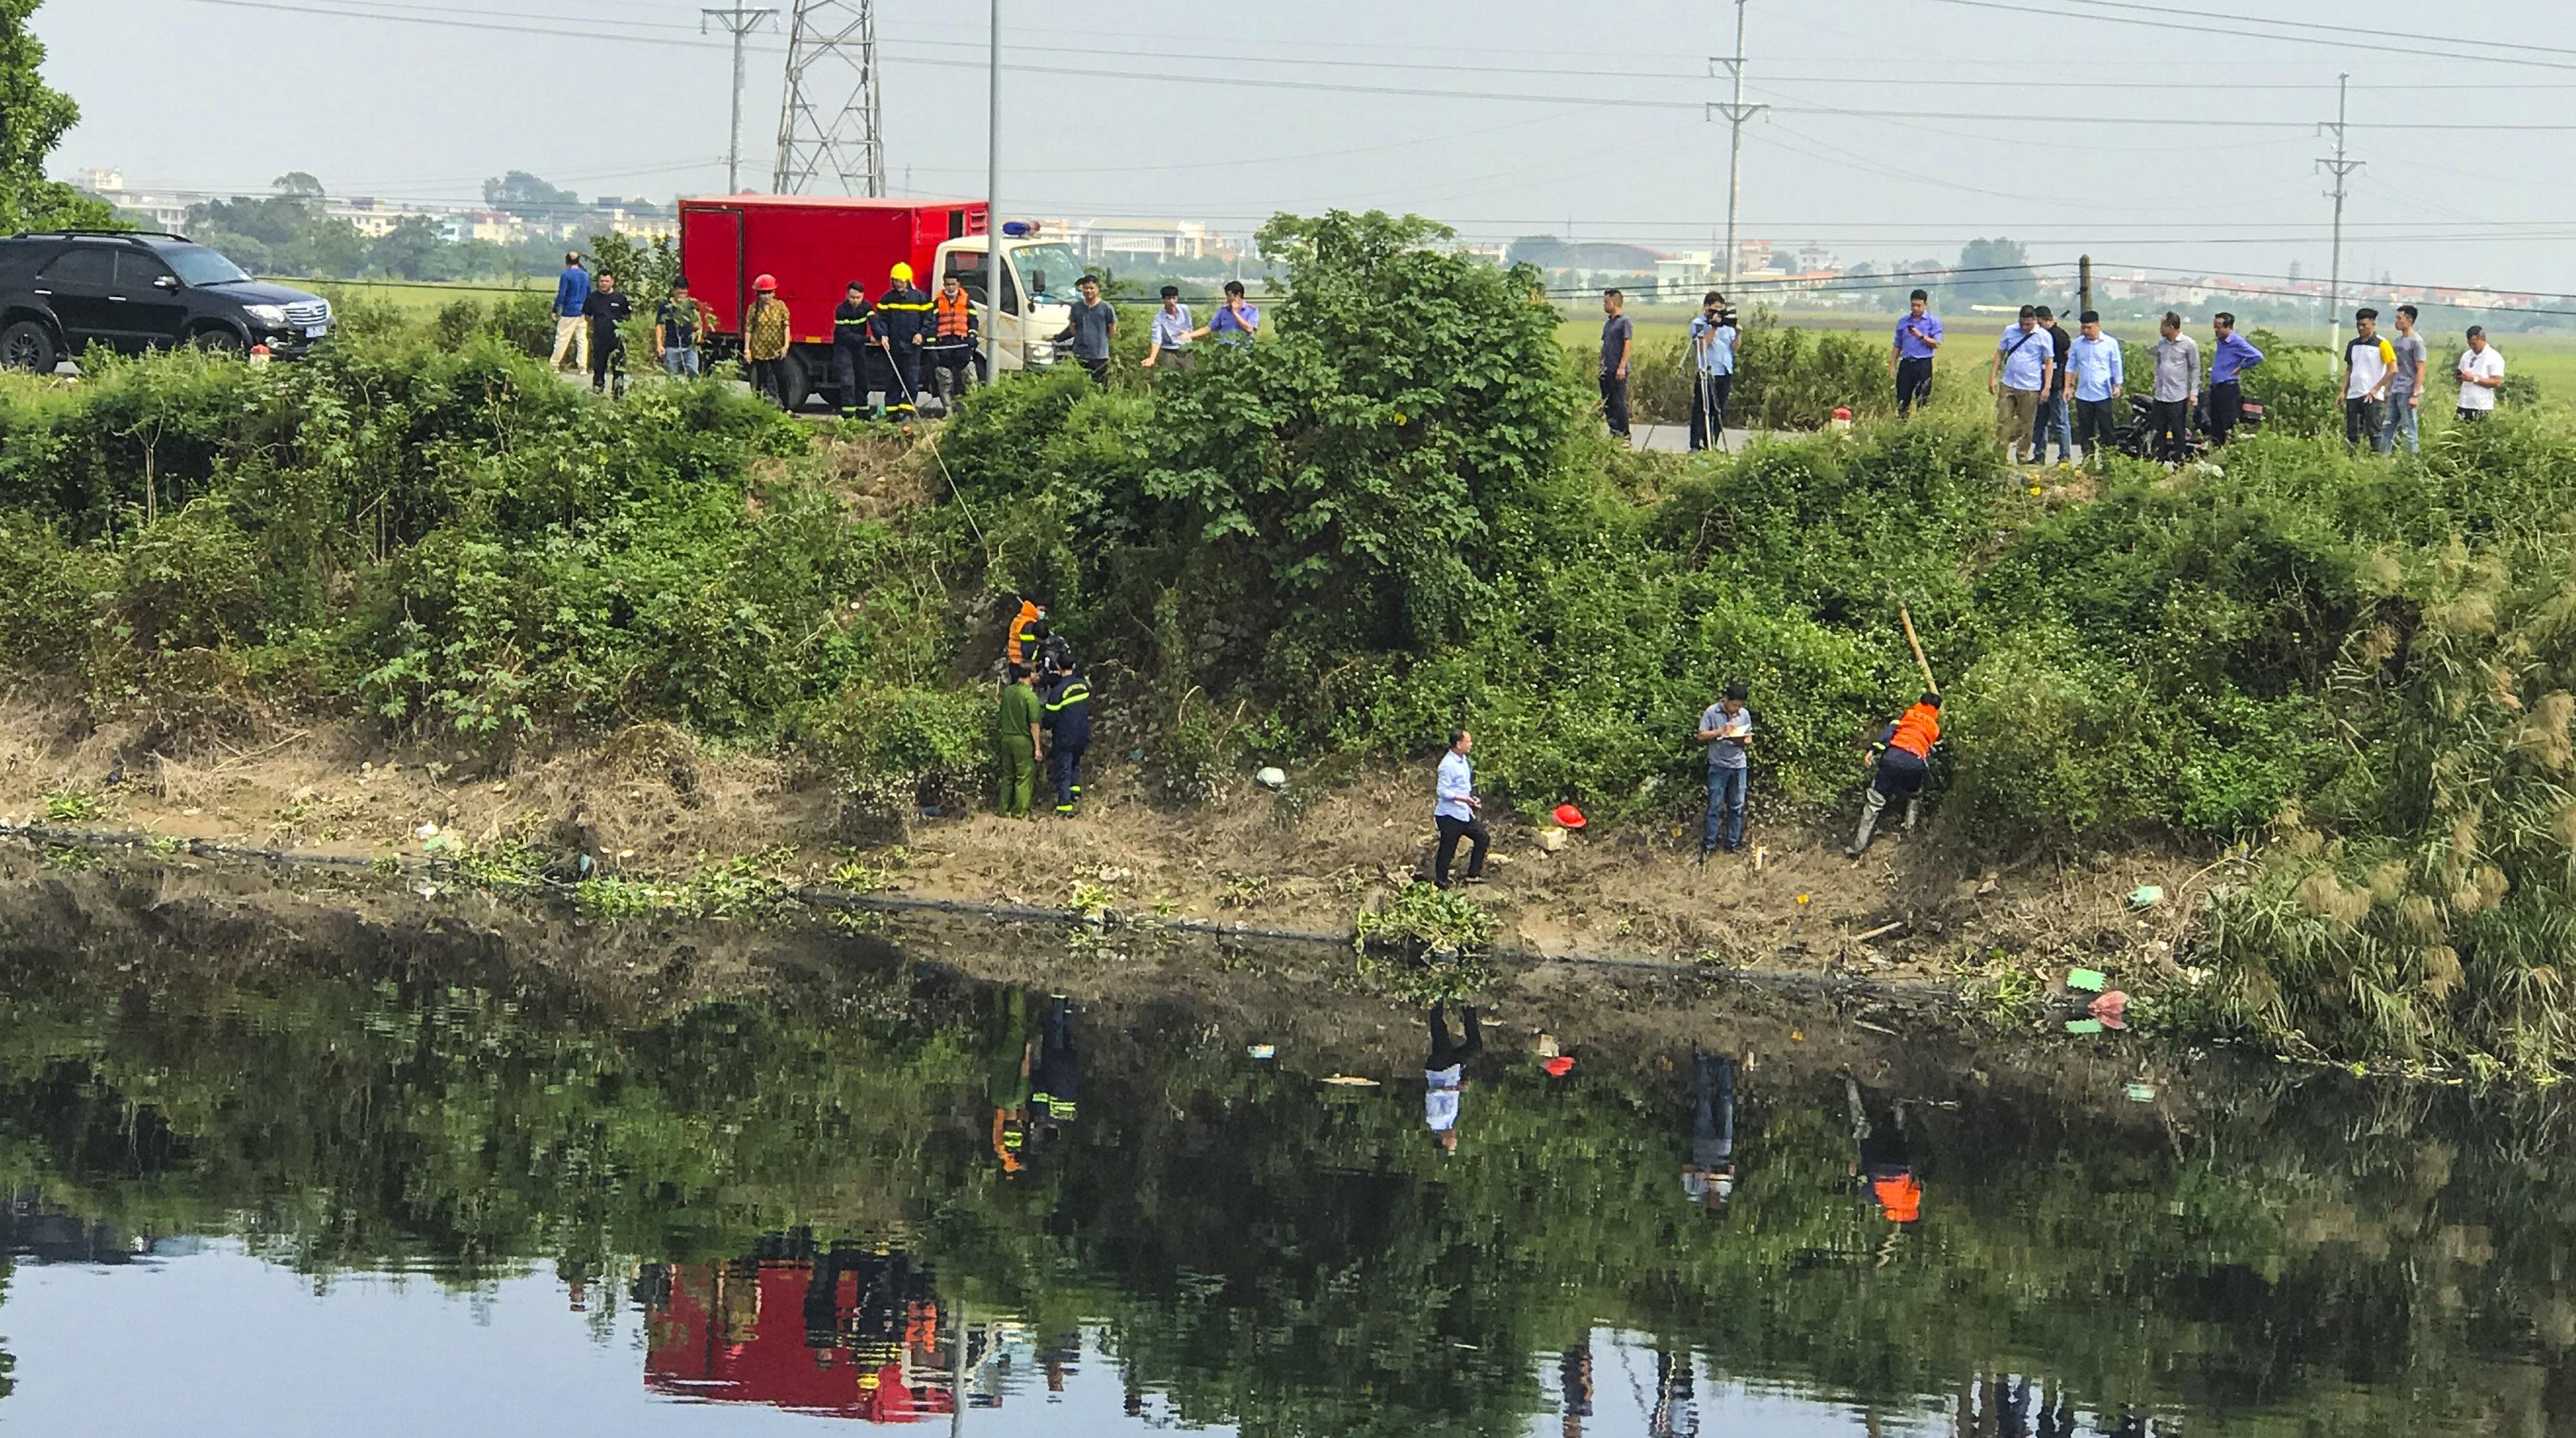 Vụ nữ sinh Học viện Ngân hàng bị sát hại: Hung thủ đẩy xuống sông rồi lấy điện thoại, xe đạp điện - Ảnh 1.